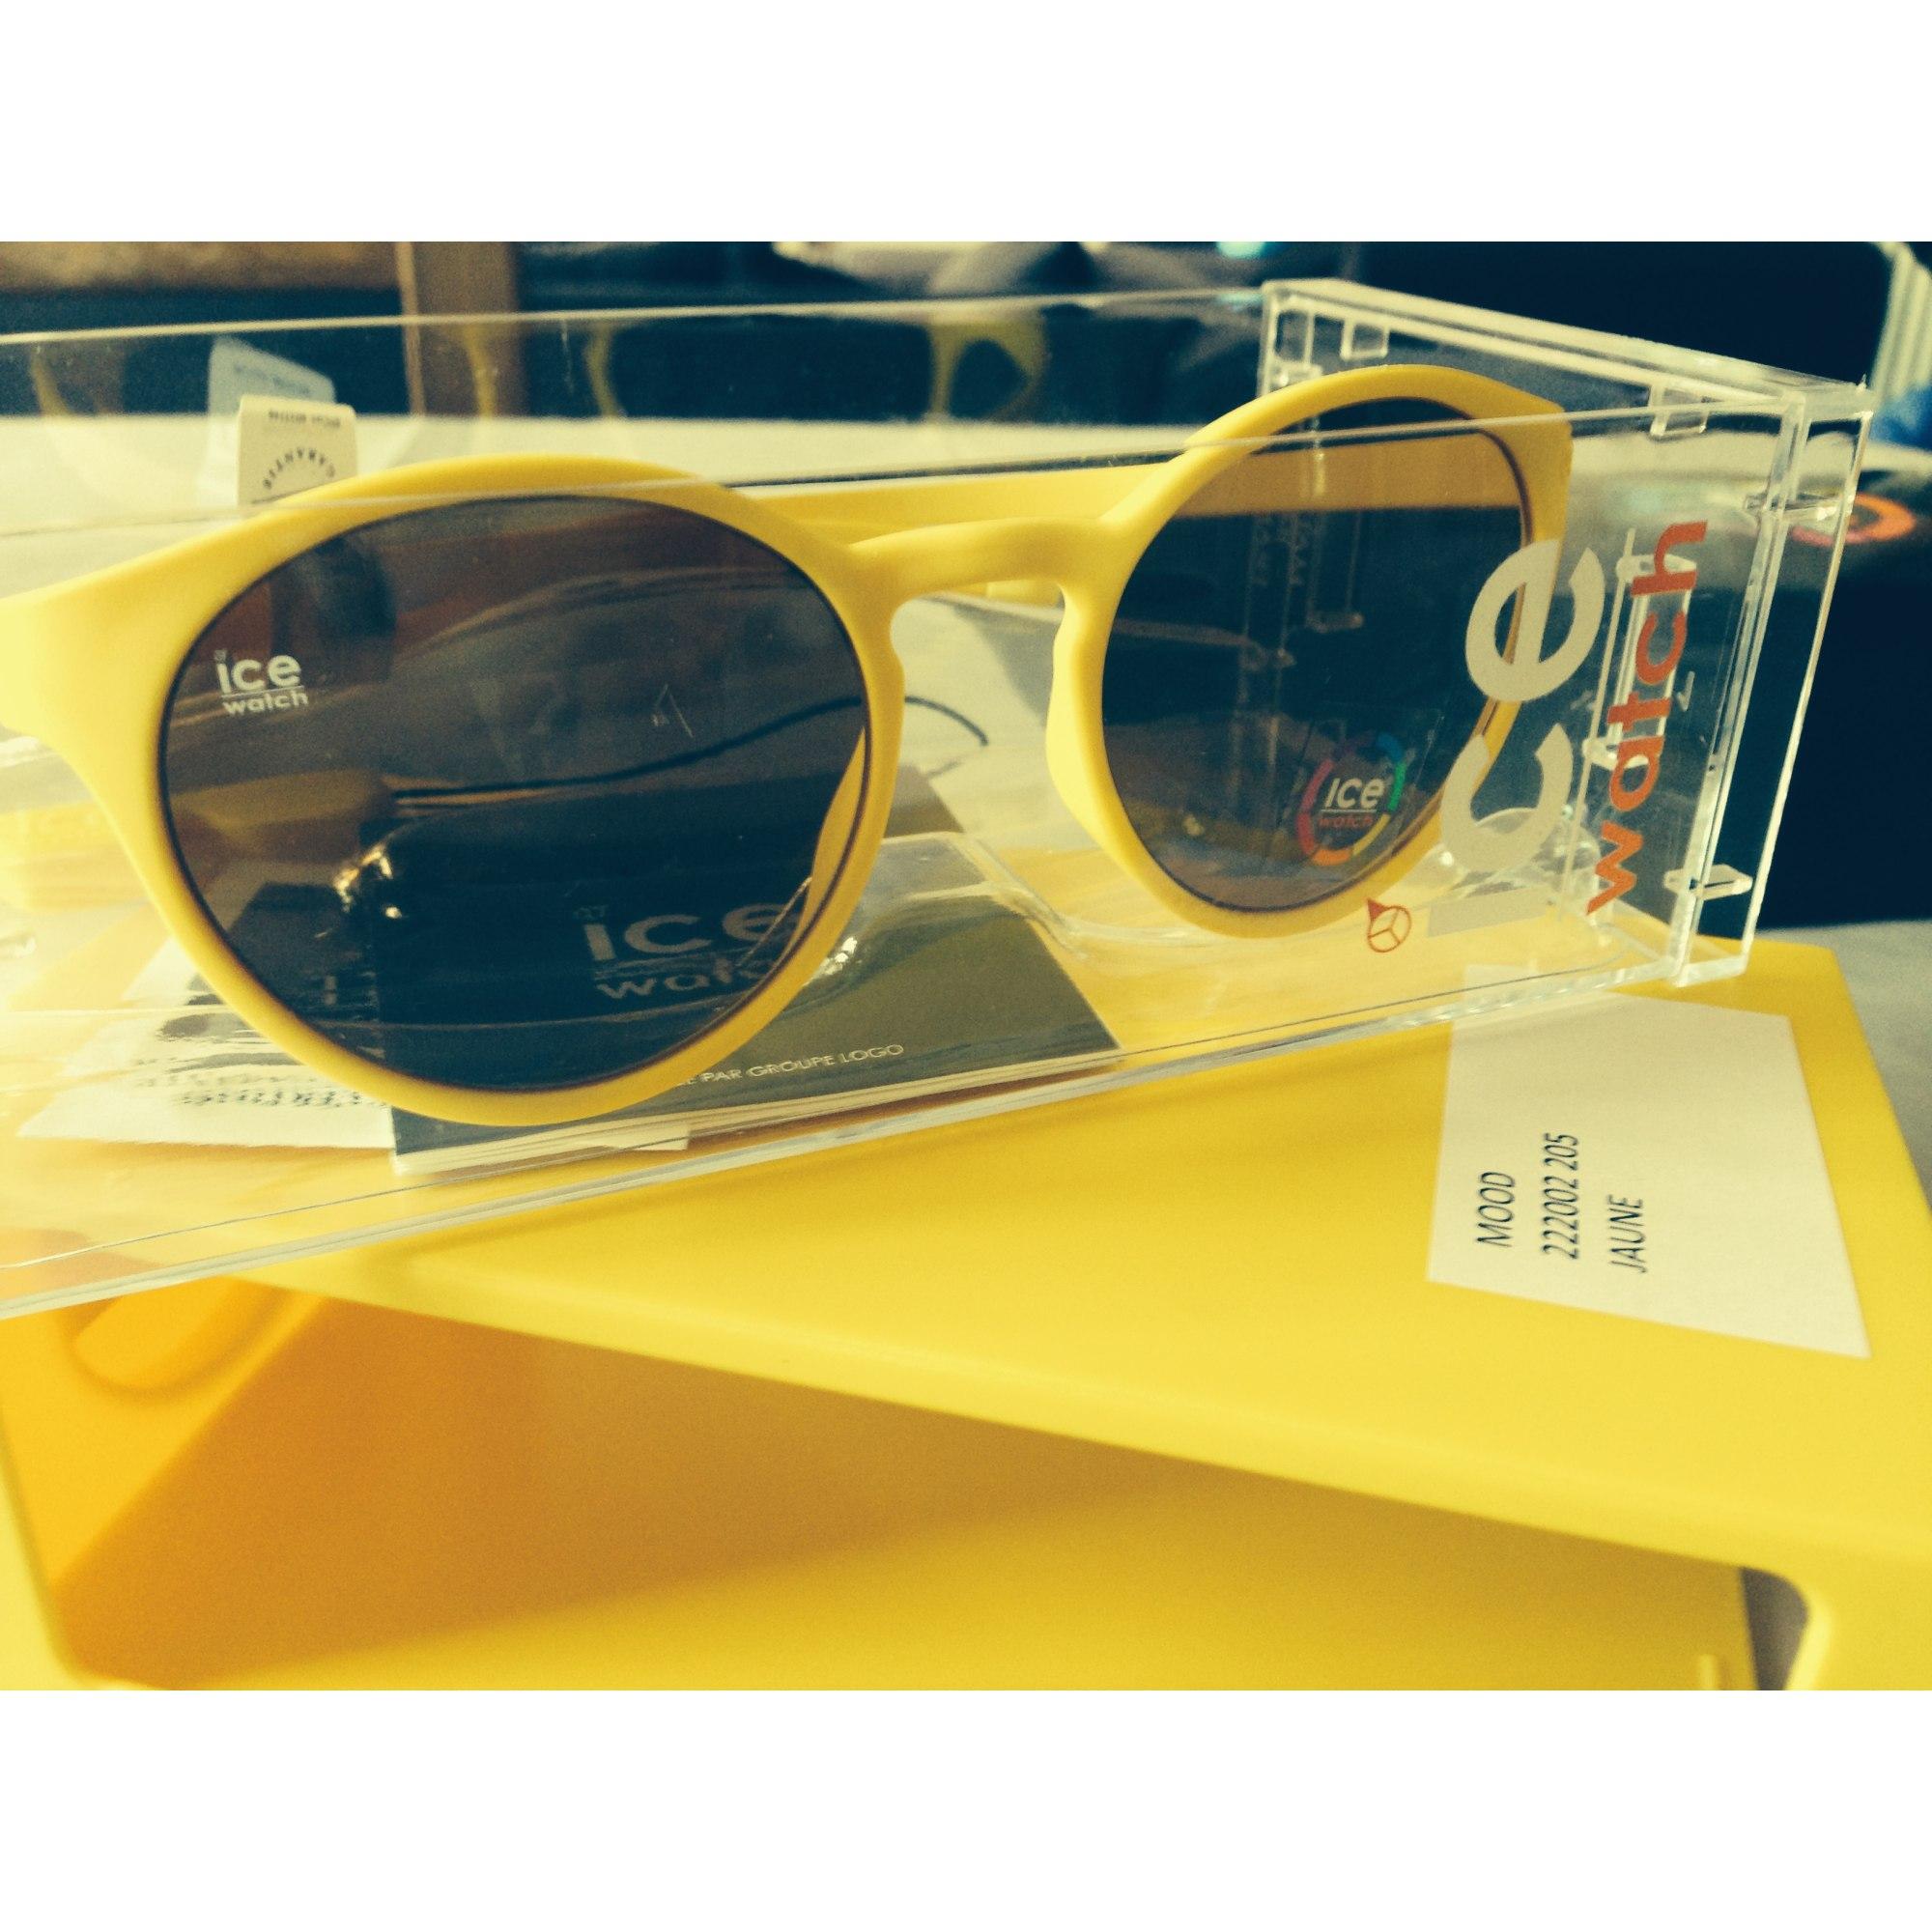 Lunettes de soleil ICE WATCH jaune vendu par Christelle c209533 ... c8d9d40fb868